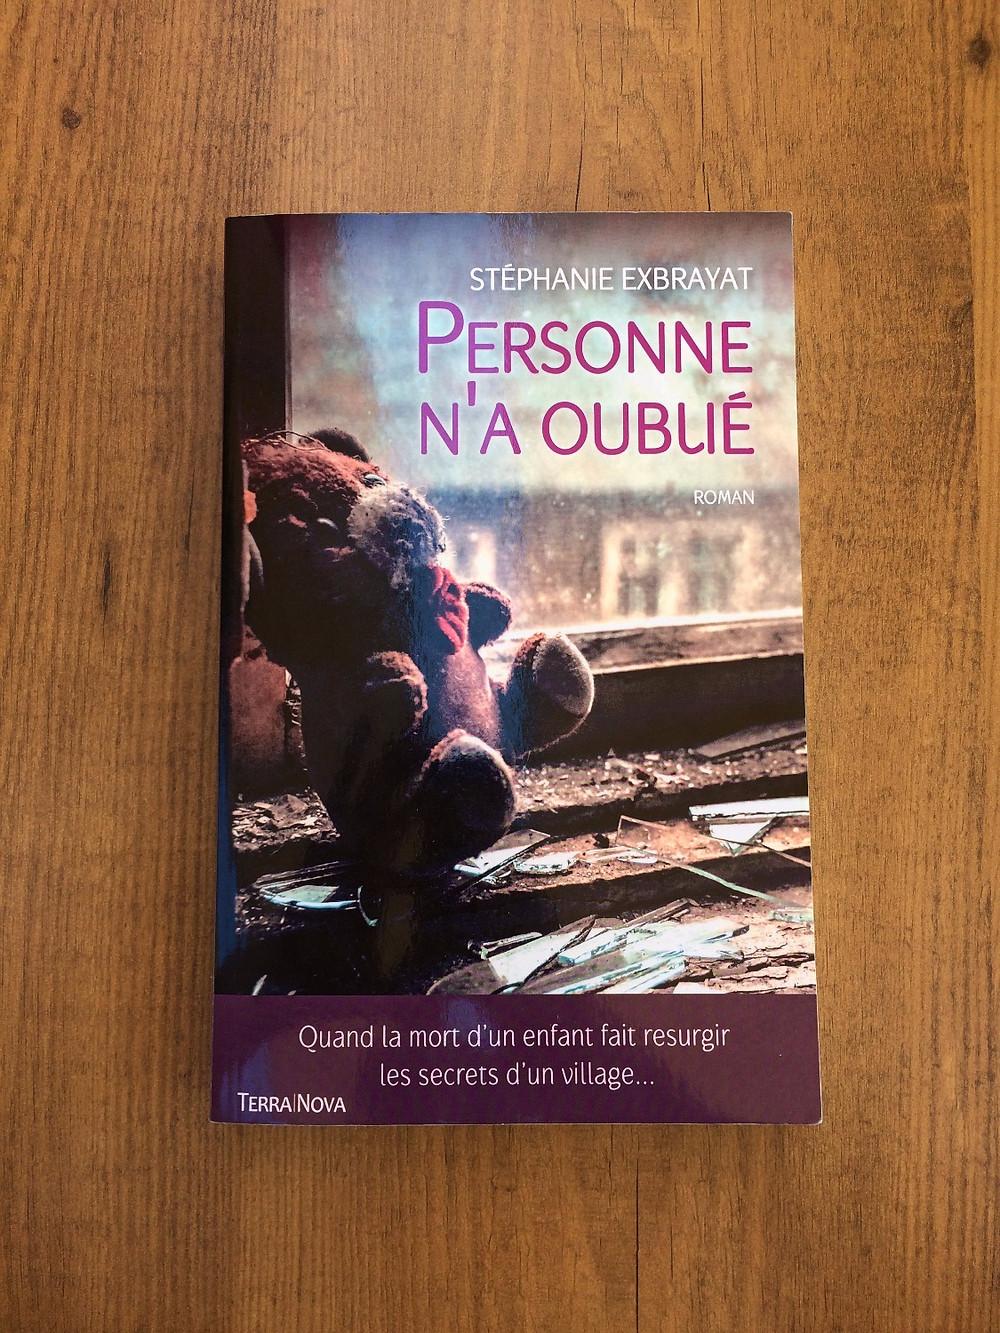 Photo du livre Personne n'a oublié de Stéphanie Exbrayat